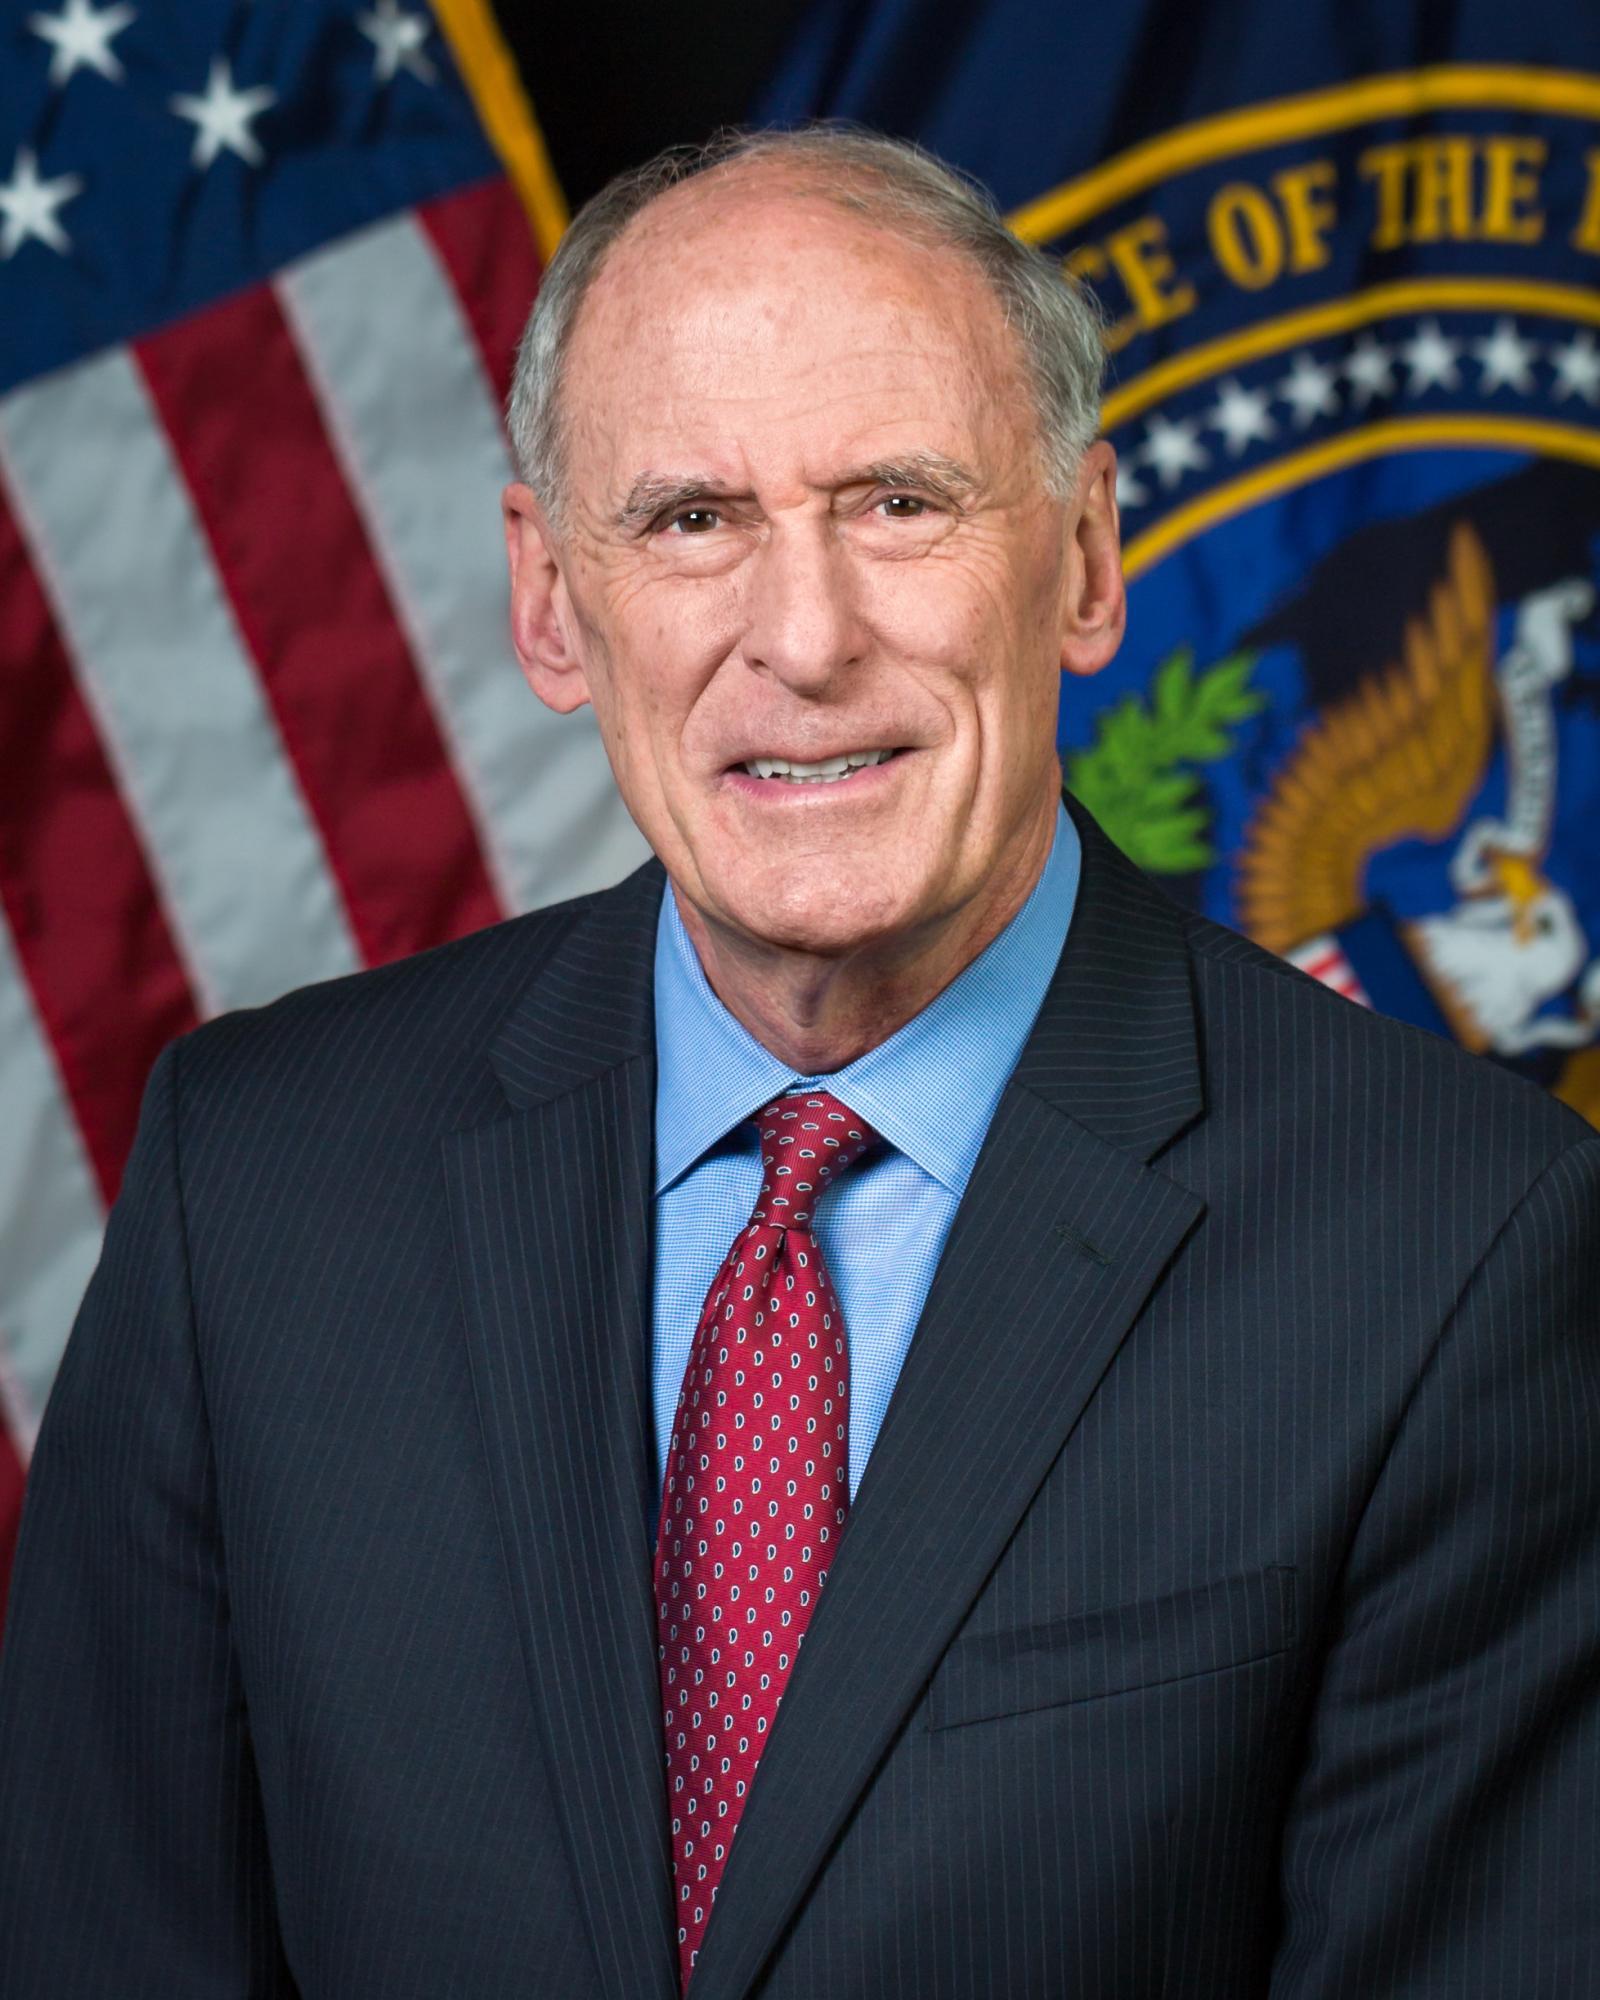 Daniel Coats, 74, wurde von Donald Trump in das Amt des Geheimdienste-Direktors berufen. Der Stellvertreterposten ist noch unbesetzt.